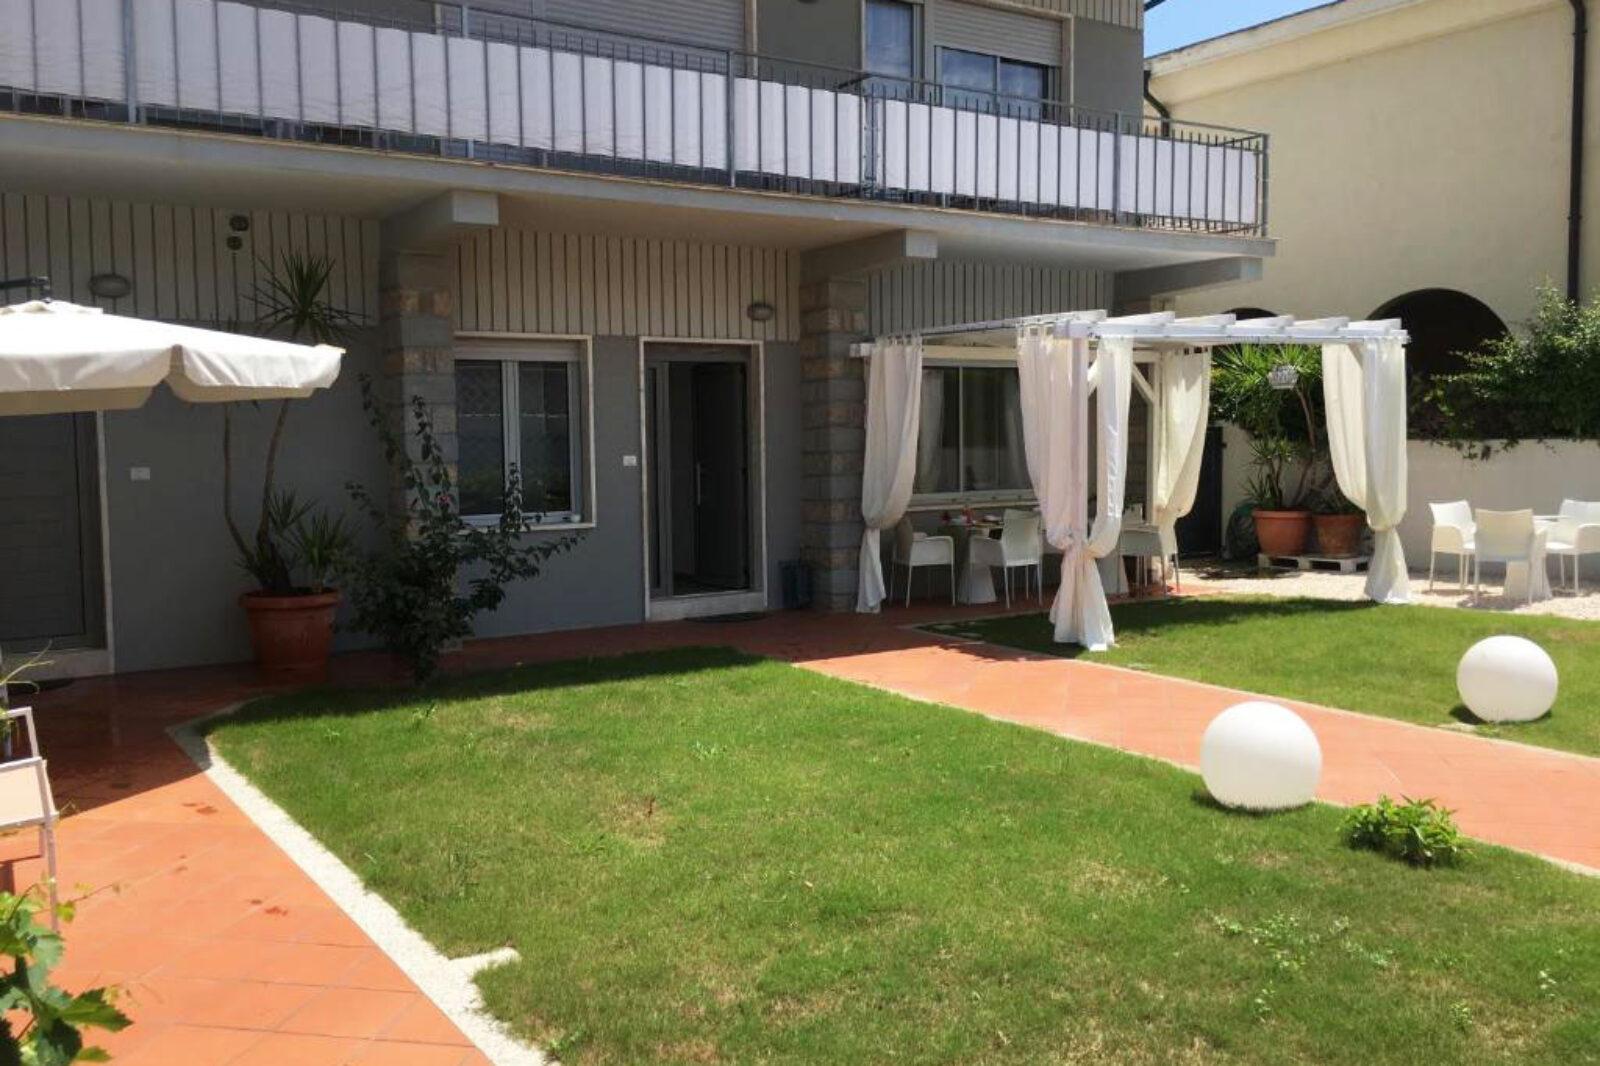 Il giardino dell'affittacamere a Olbia